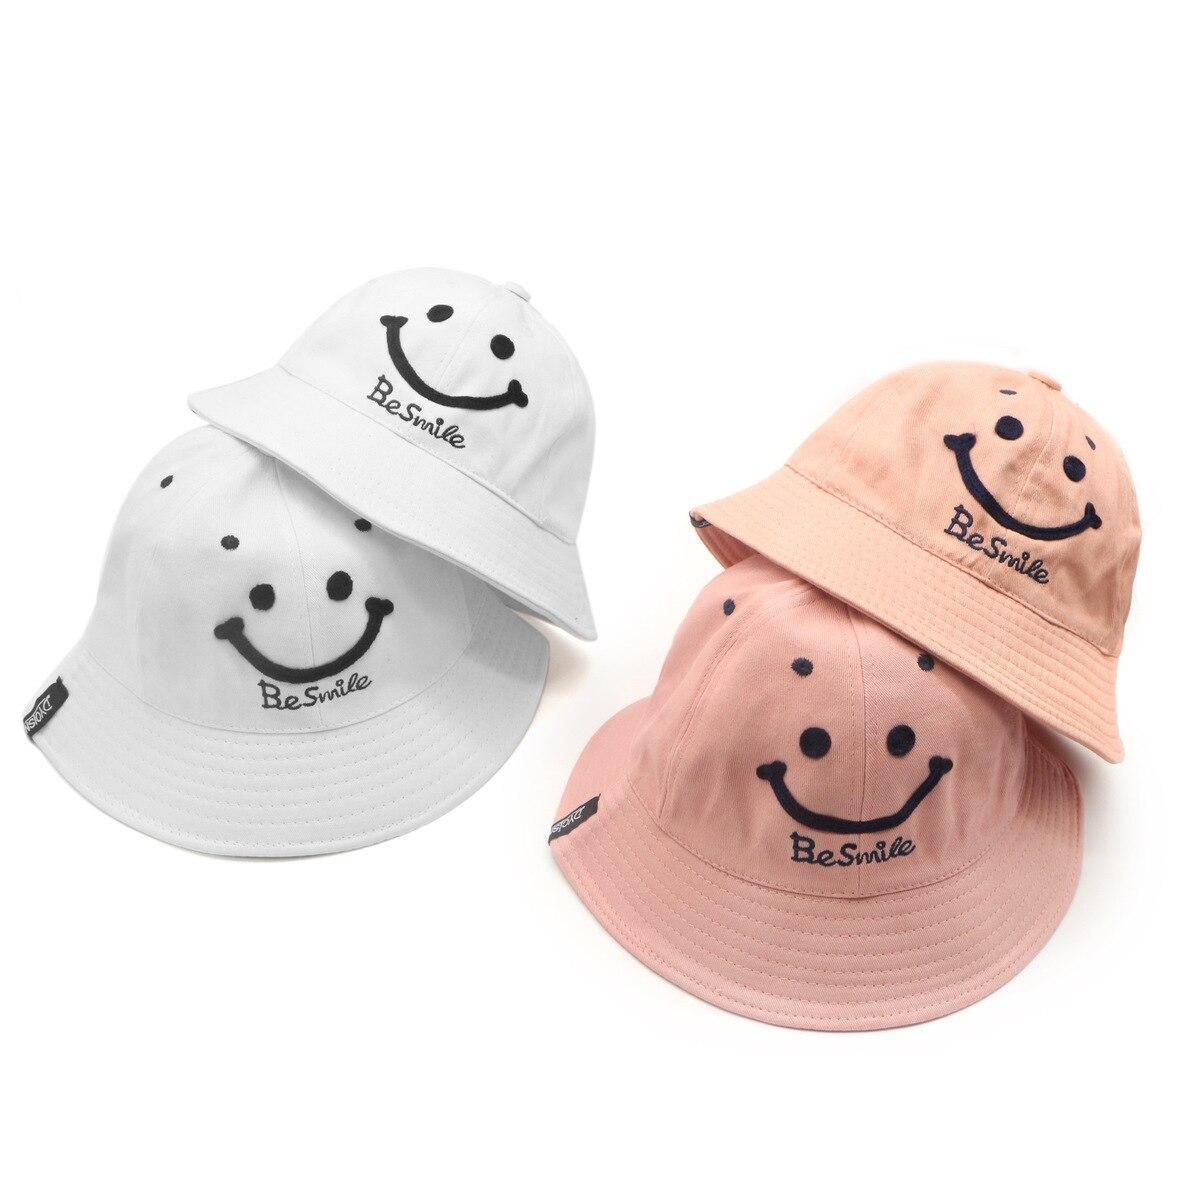 100% QualitäT Sommer Herbst Eltern-kind Sonne Kappe Sein Lächeln Eimer Hut Schwarz Weiß Grau Rosa Männer Und Frauen Nette Charakter Baumwolle Sonnenhut